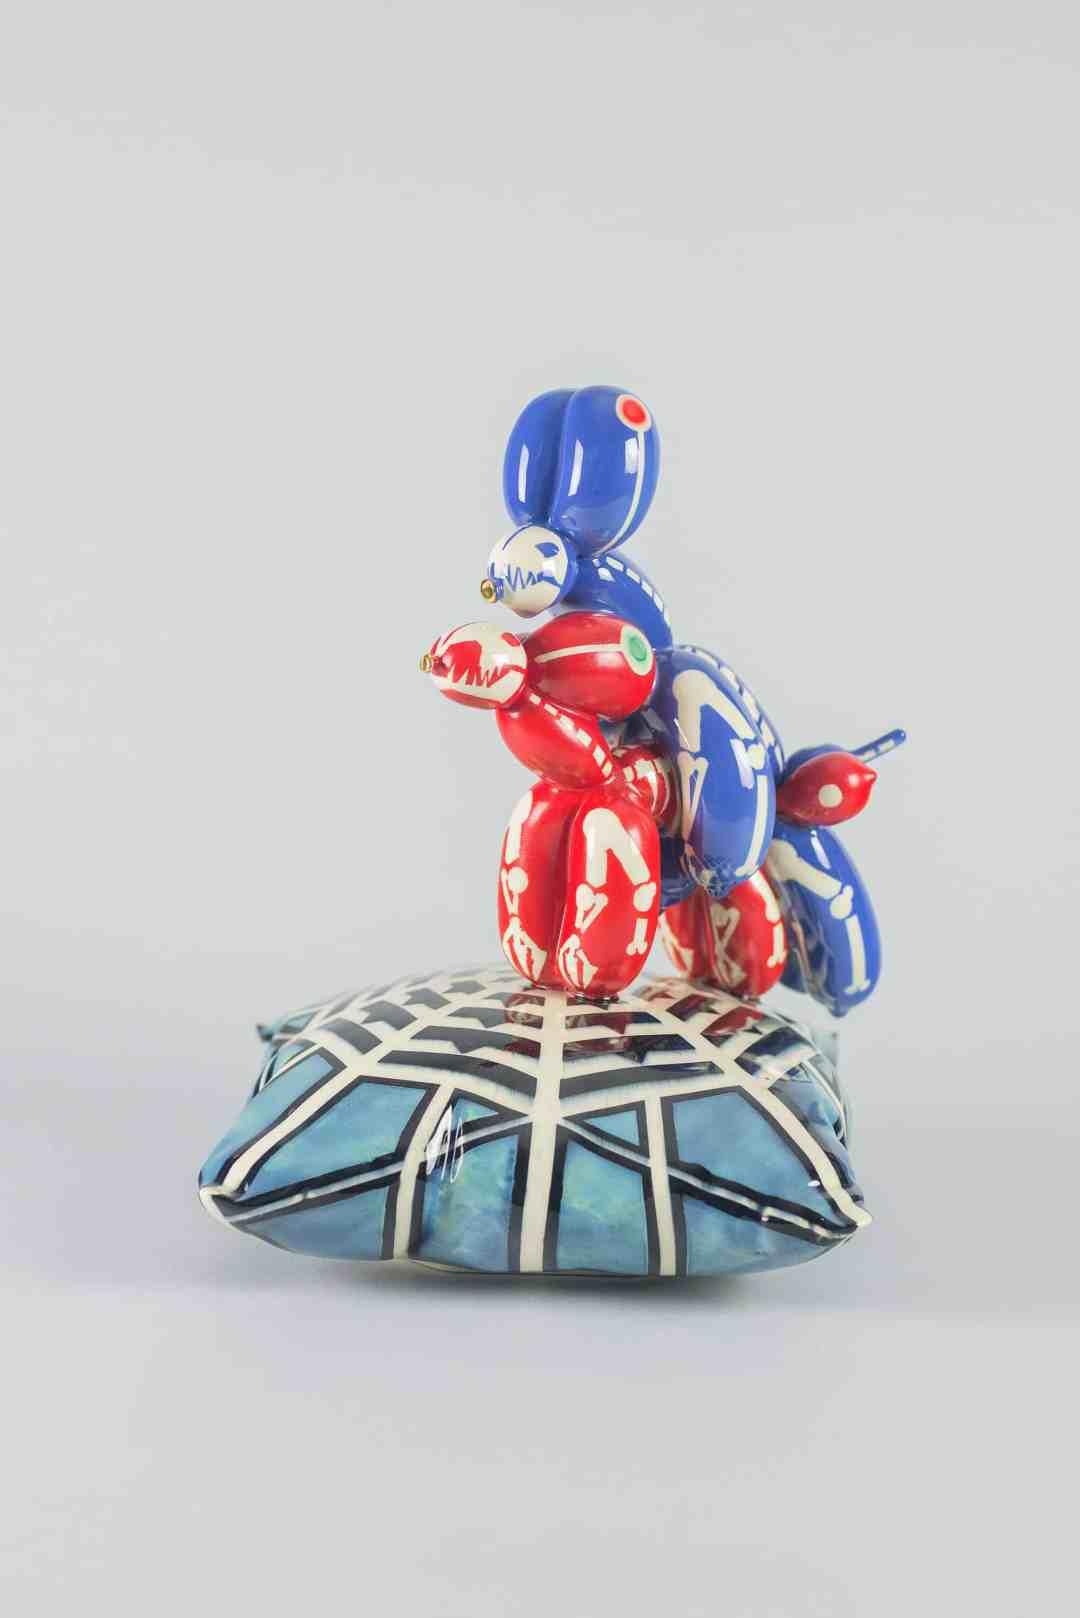 Mariusz Dydo, Shunga Dogs Alfa – Alfa 2018, glazed ceramic, 35 x 26,5 x 25 cm, signed